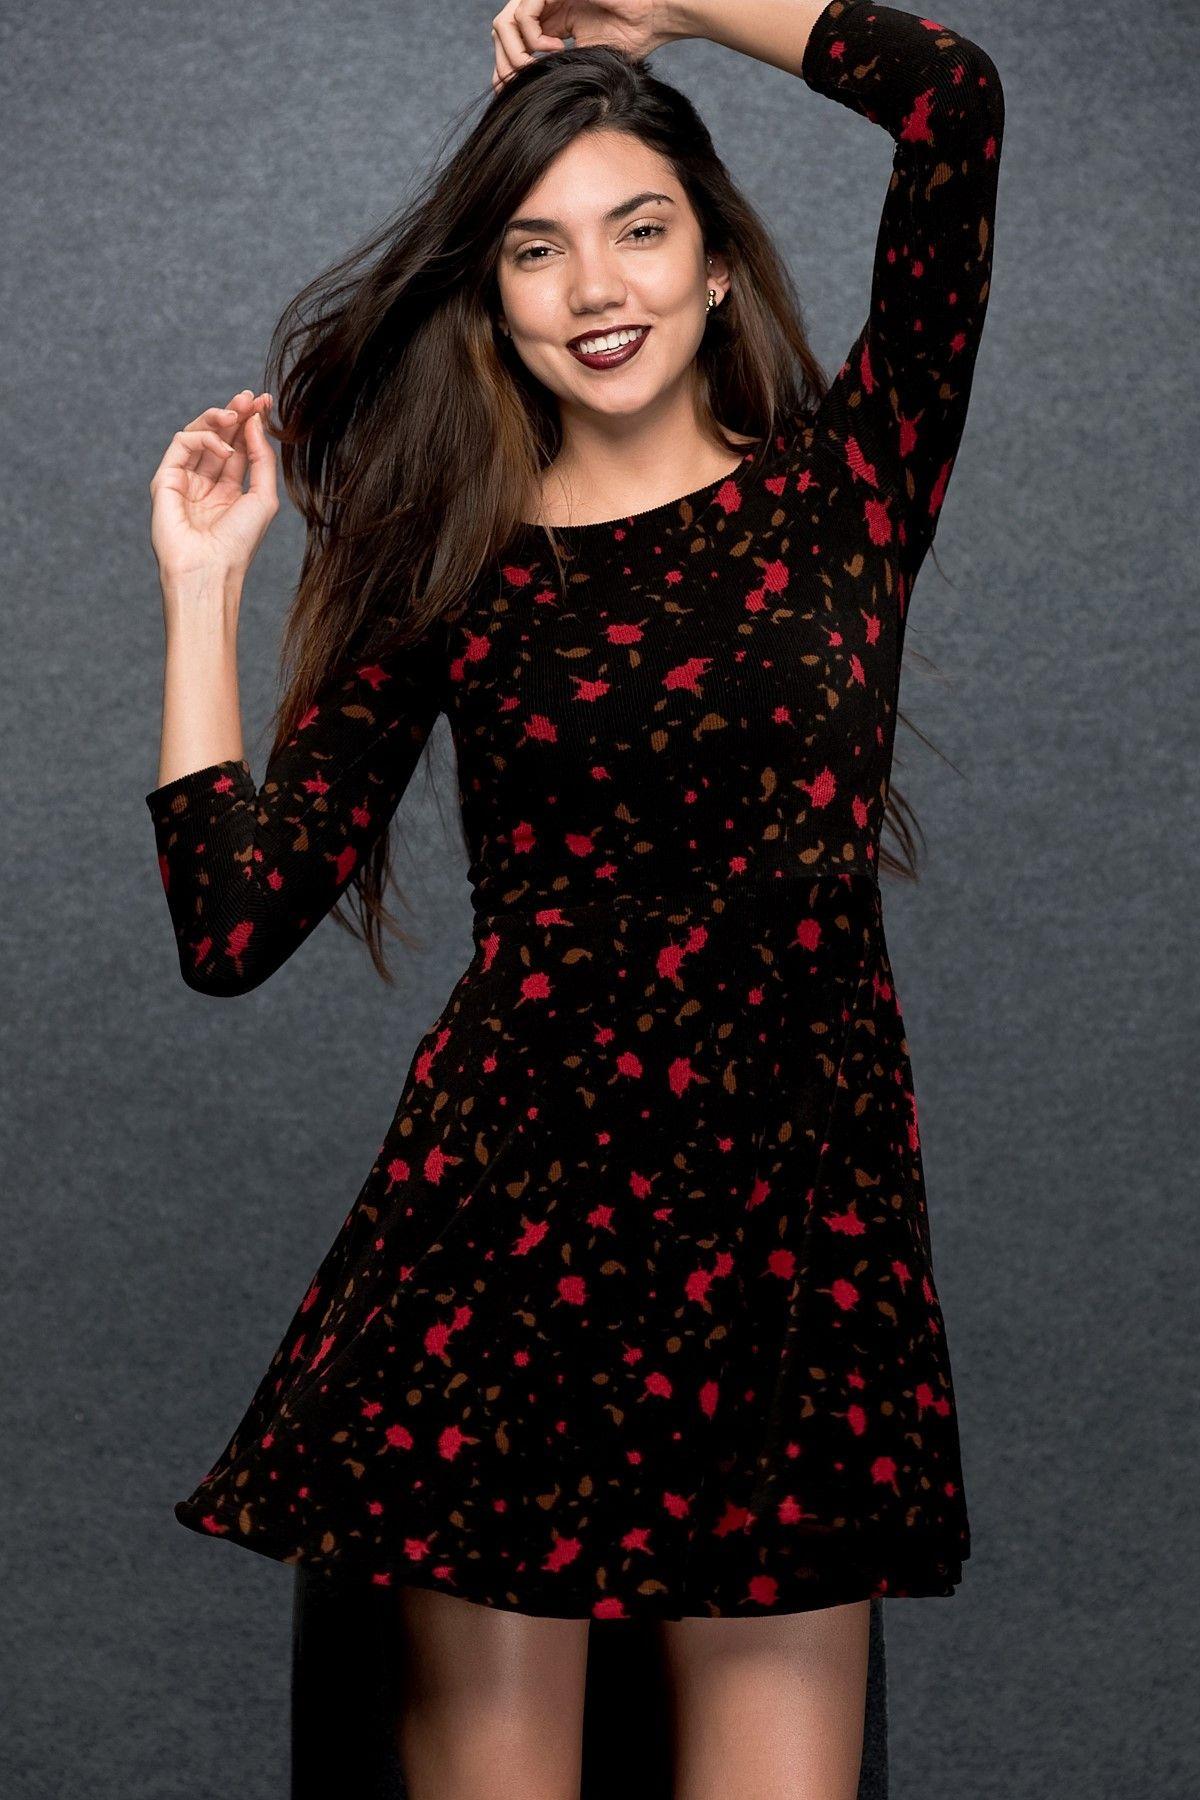 Siyah Cicekli Kadife Elbise N002 Elbise Elbise Modelleri Moda Stilleri